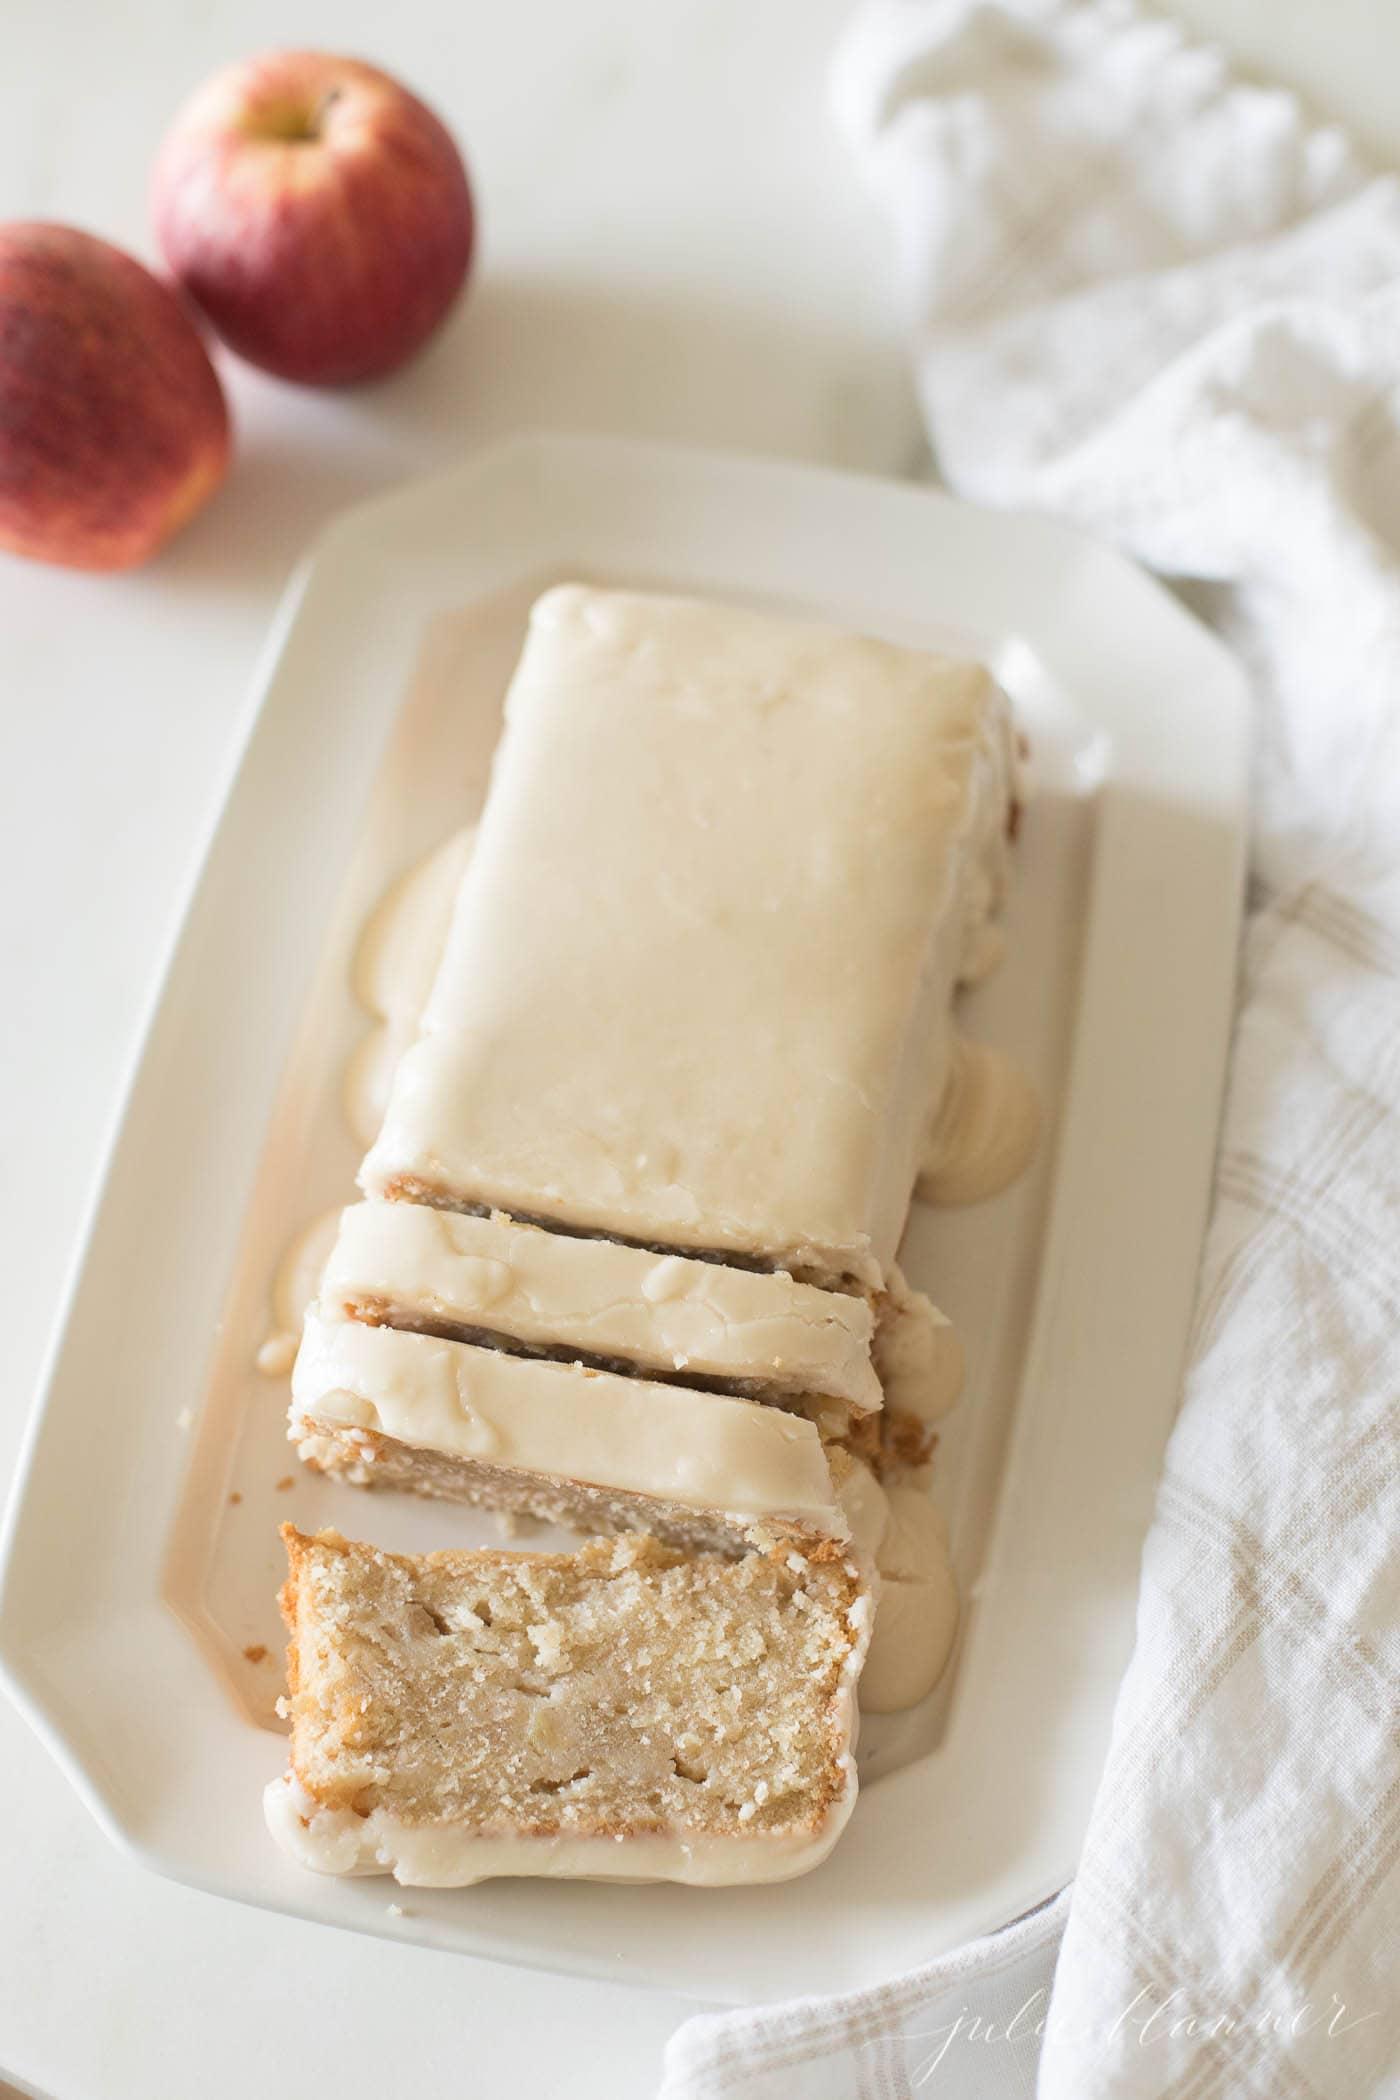 apple pound cake sliced on a white platter